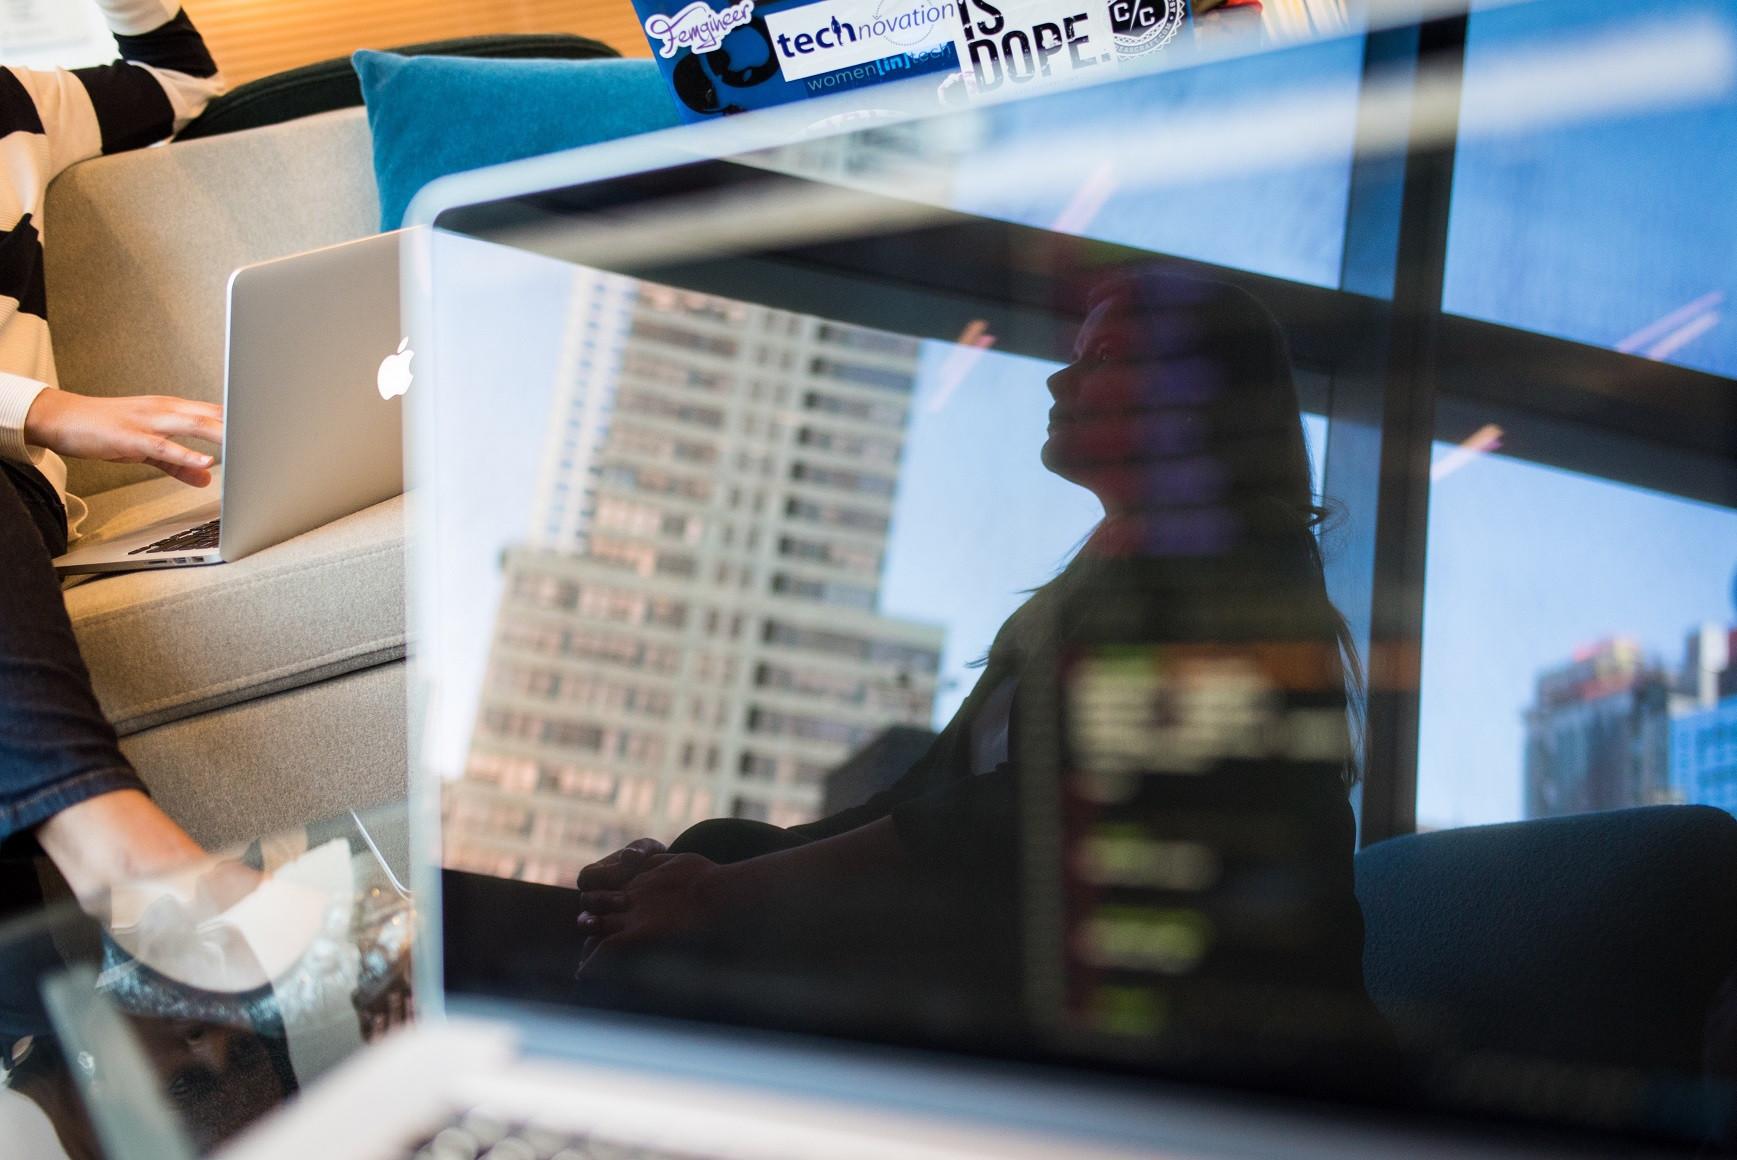 Polscy pracownicy chcą uczyć się programowania i języków obcych